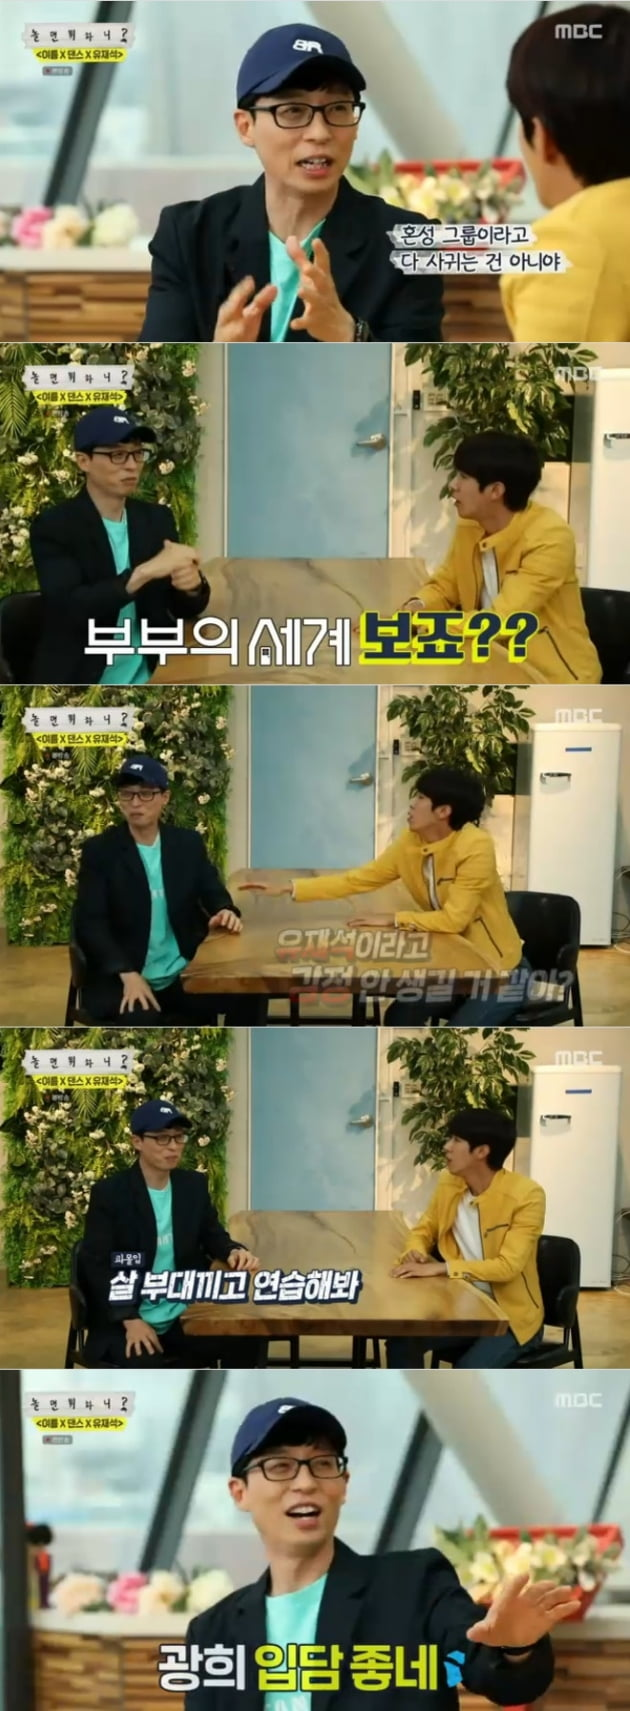 '놀면 뭐하니?' 광희 / 사진 = MBC 영상 캡처